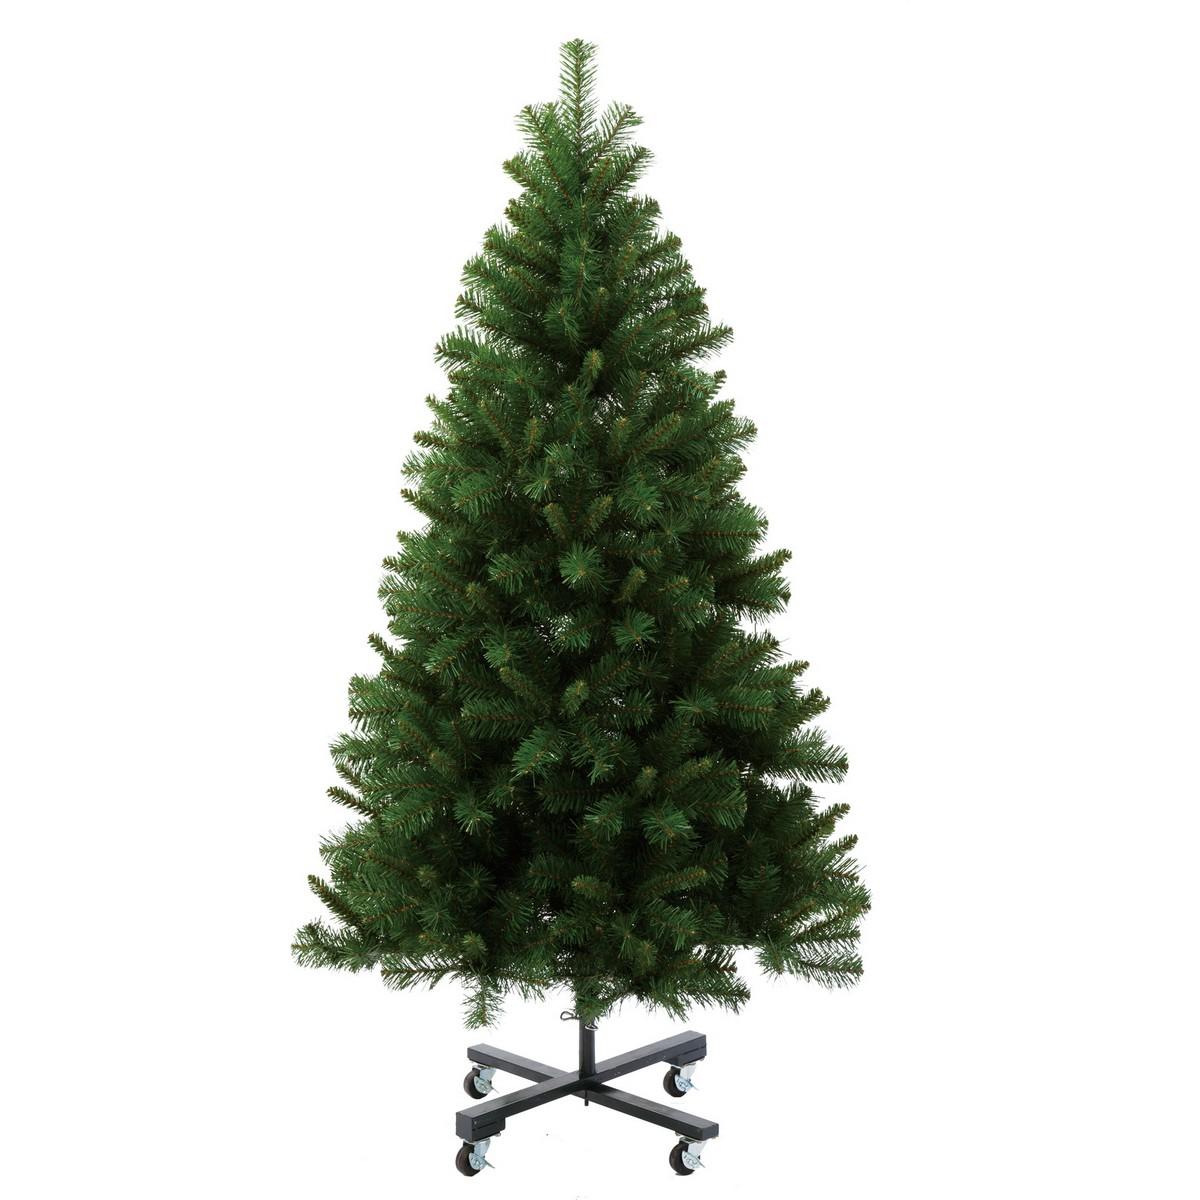 【直送】【造花】YDM/240cm イージーツリー/CAA-156 ※返品・代引不可【01】【01】《 店舗ディスプレイ クリスマス飾り クリスマスツリー 》